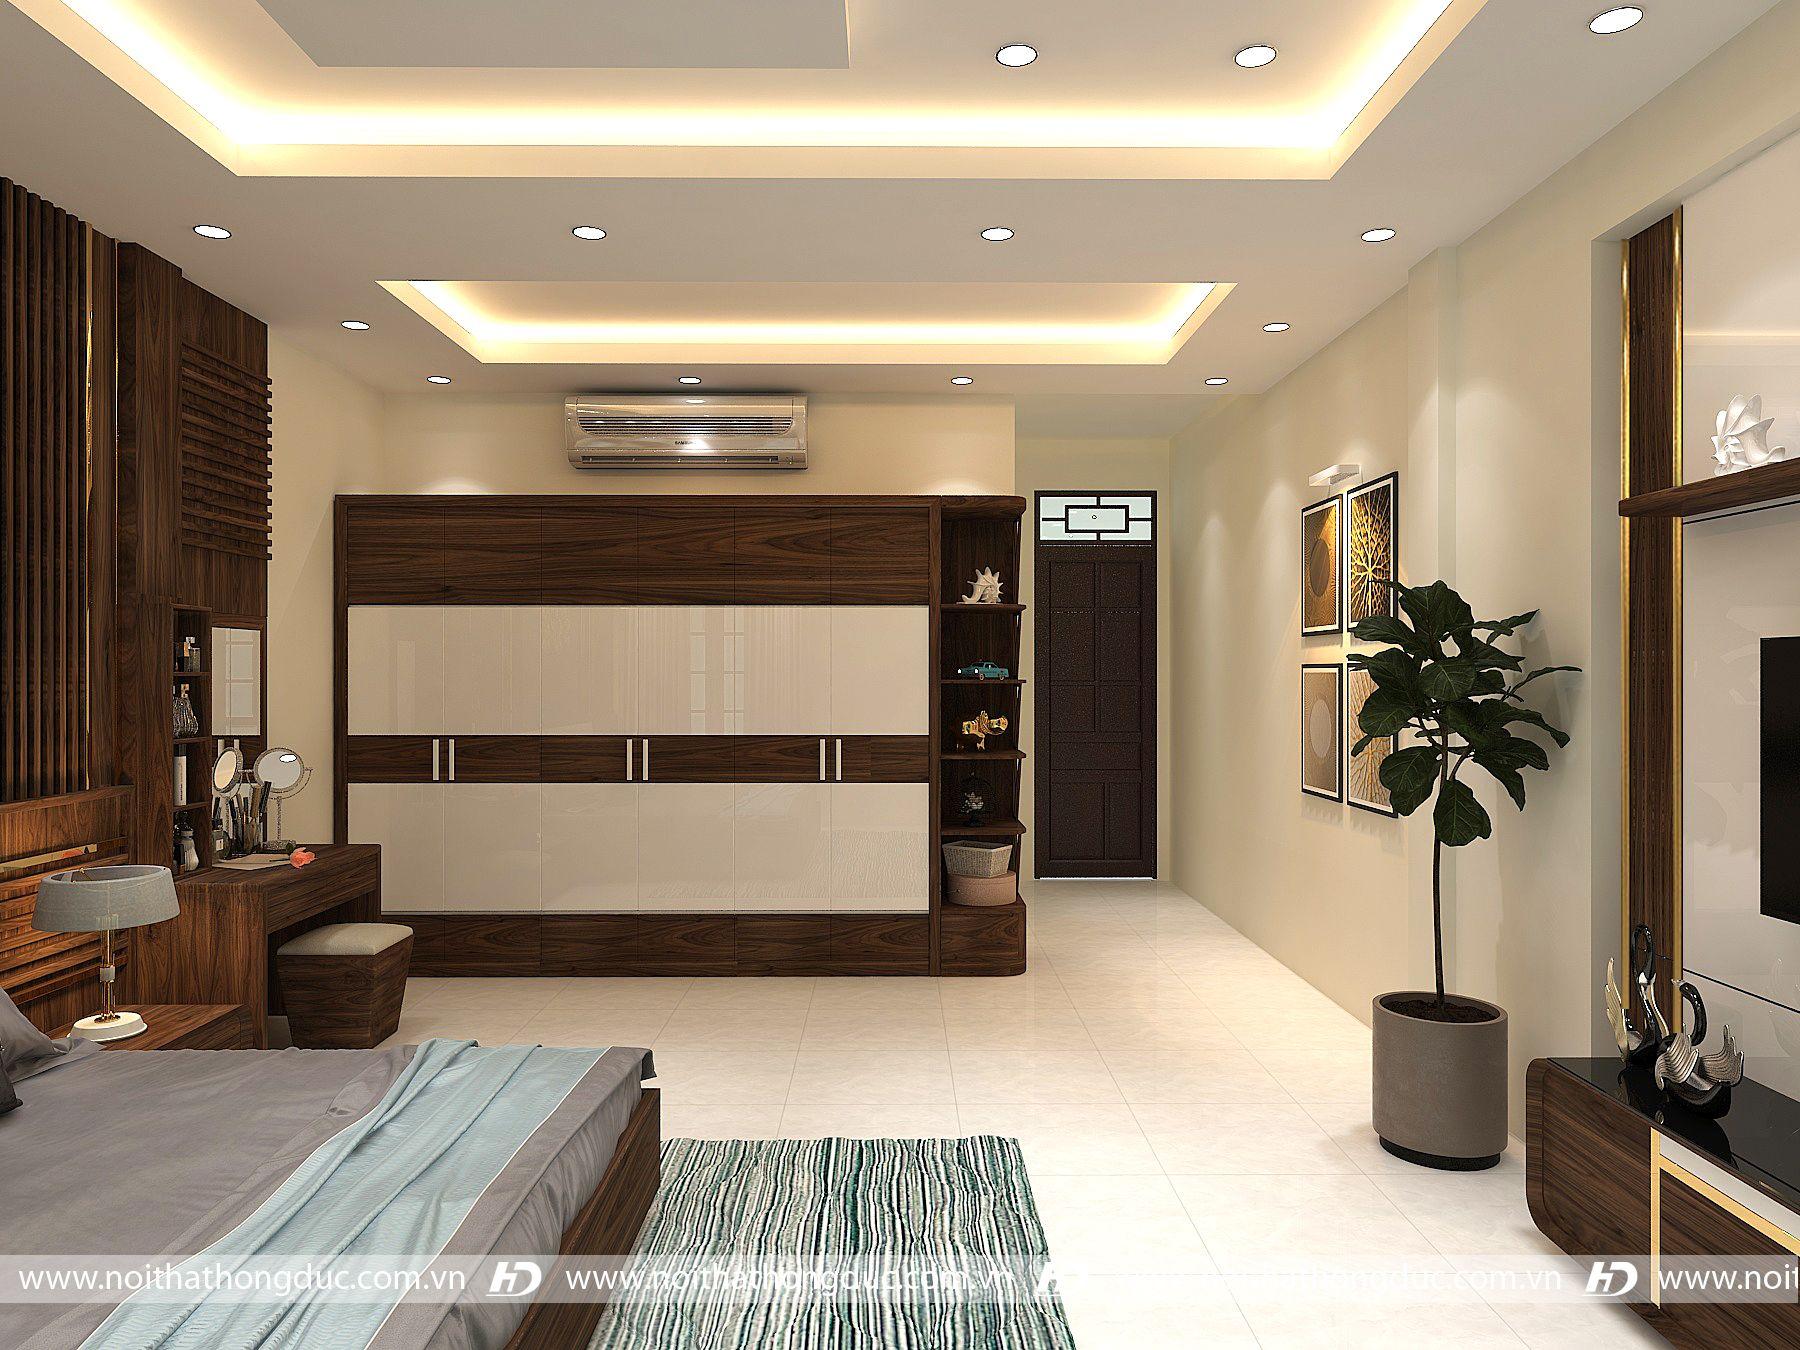 Thiết kế thi công nội thất biệt thự 12